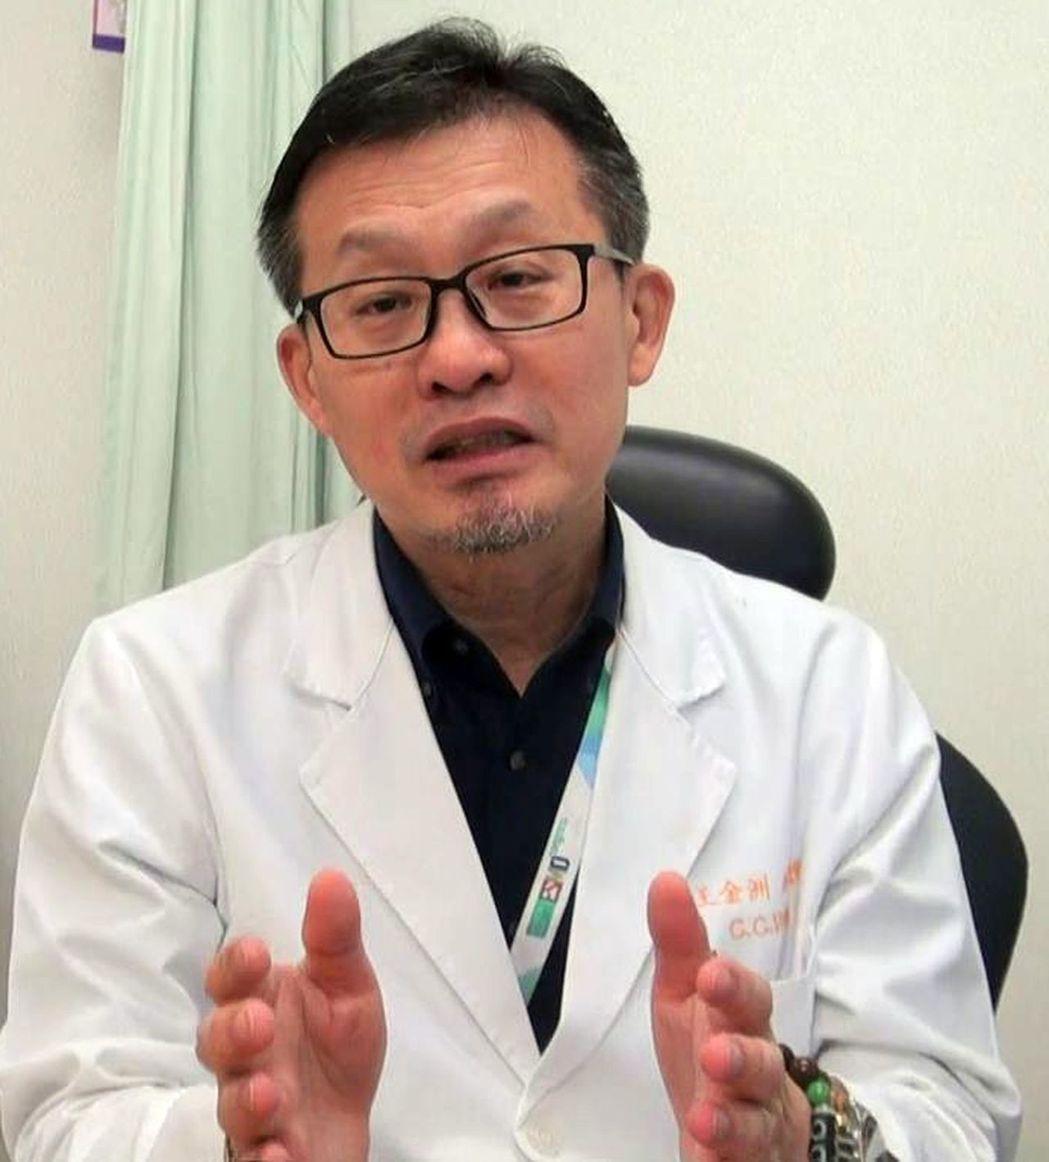 王金洲●高雄長庚肺癌團隊召集人 圖╱記者王昭月、李樹人